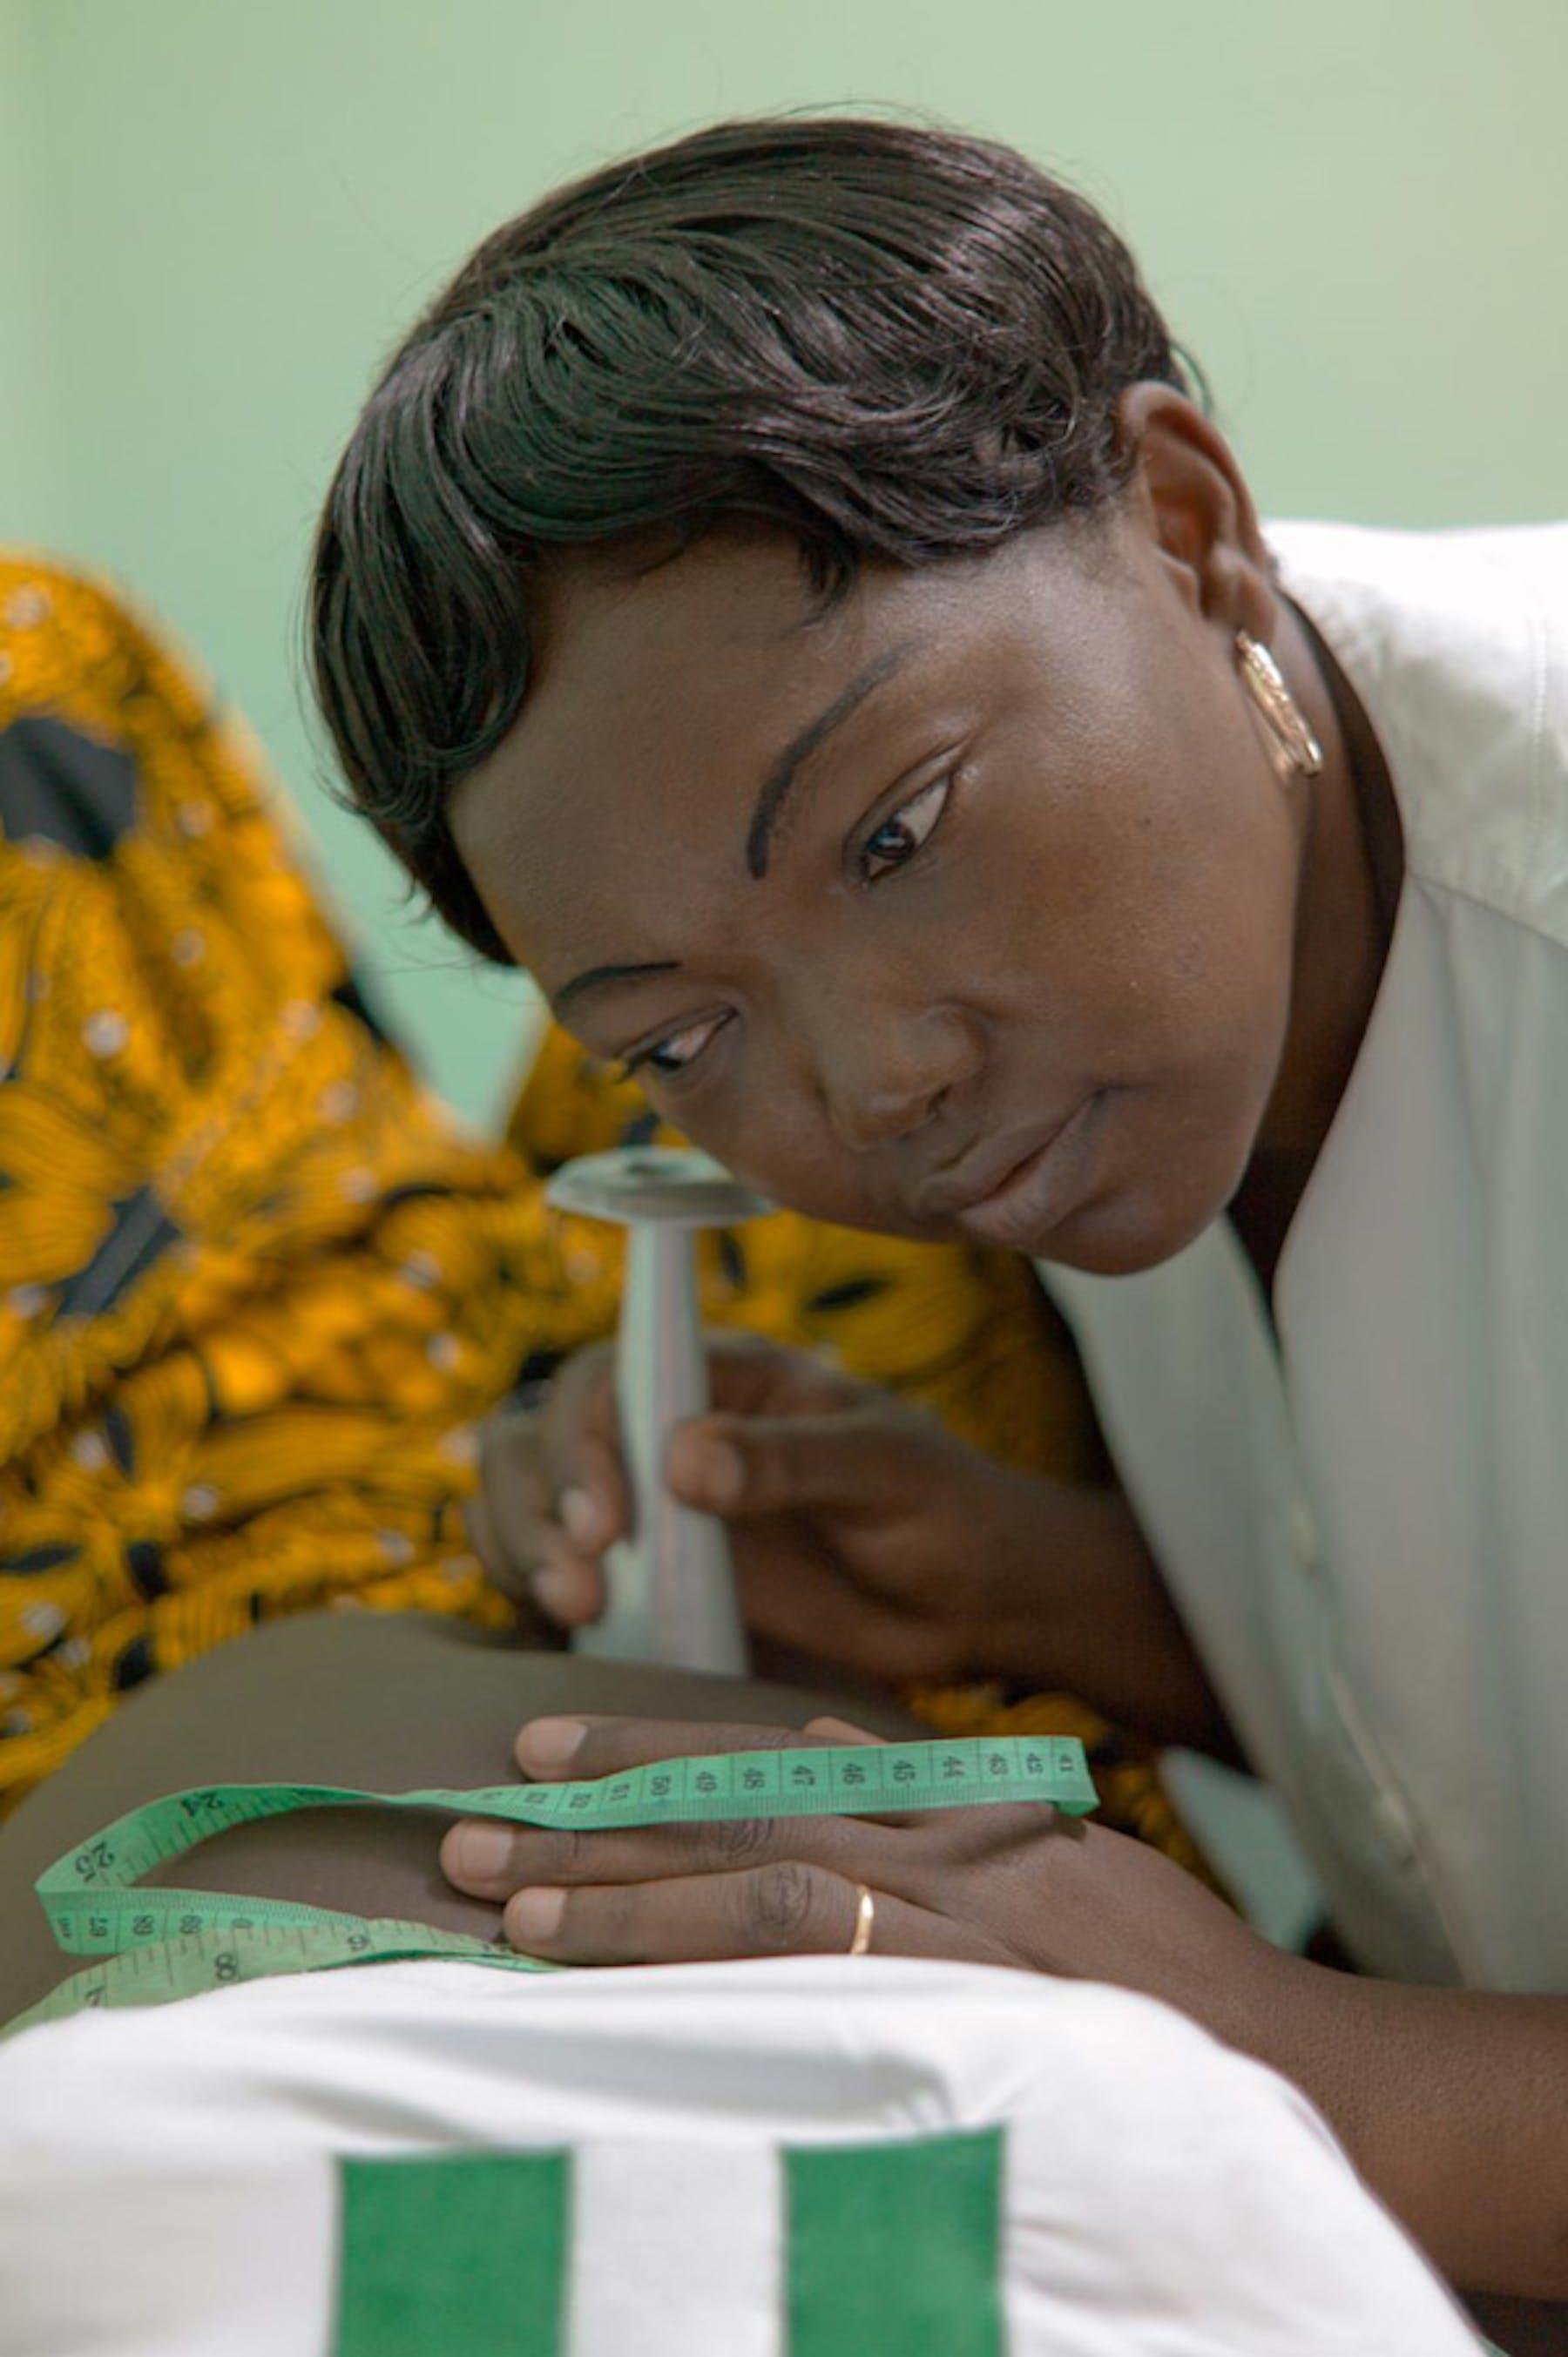 Un'ostetrica ausculta il battito cardiaco fetale nell'ospedale di Bangui, capitale della Repubblica Centrafricana - ©UNICEF/NYHQ2012-2174/Christine Nesbitt